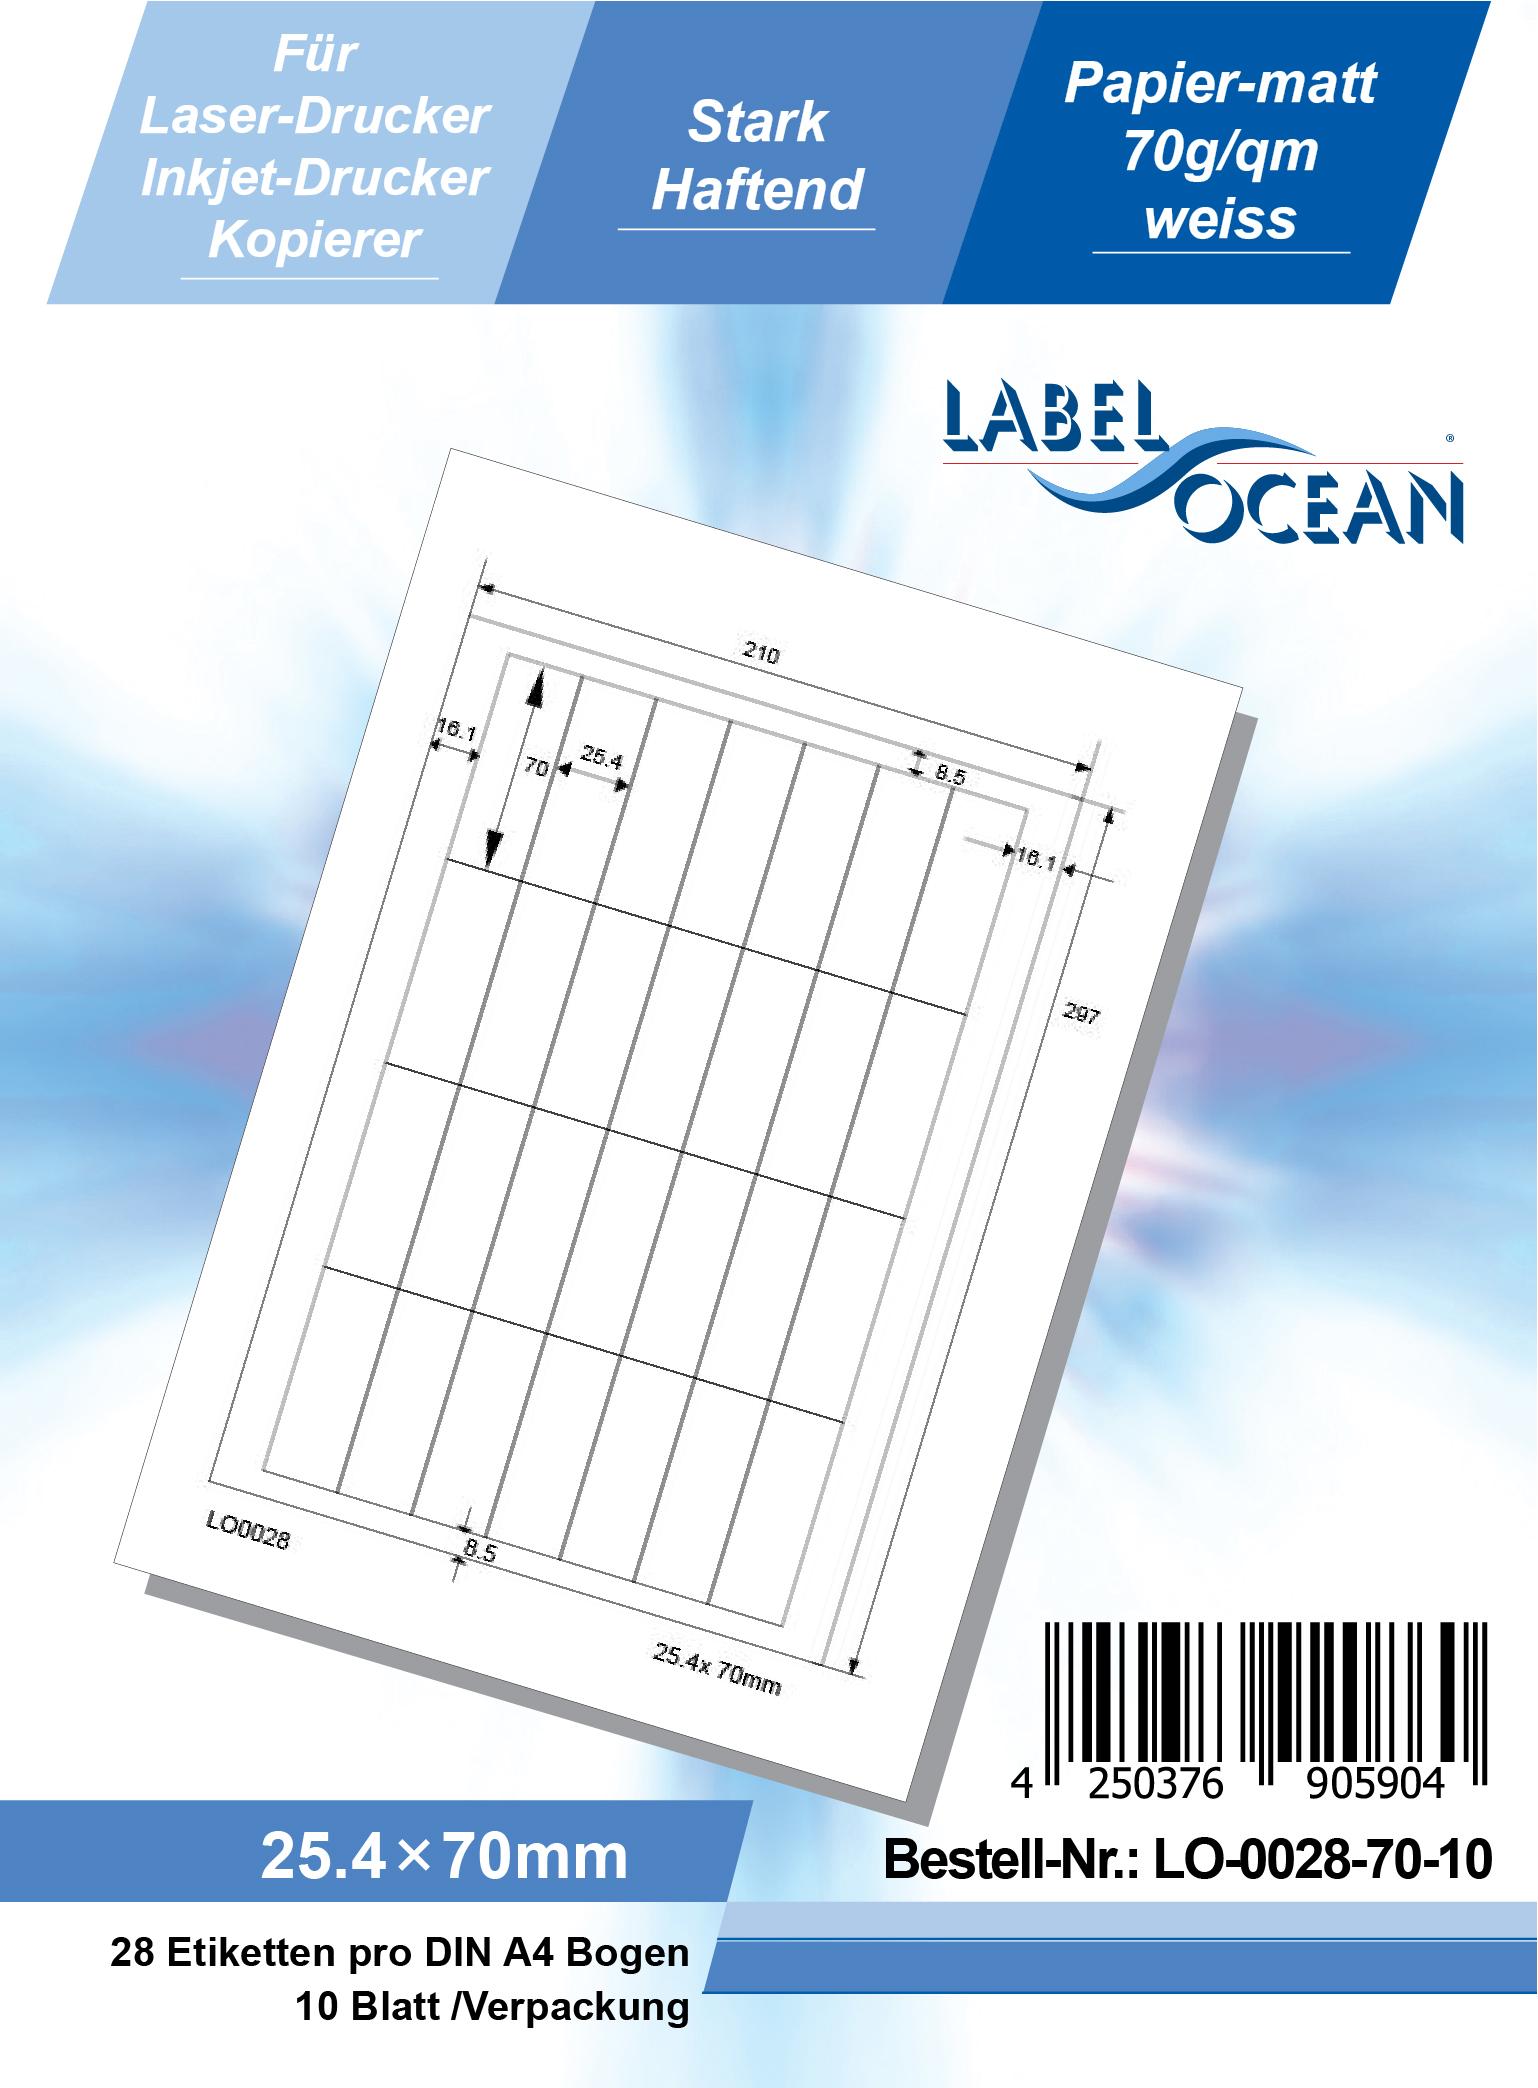 Laser Inkjet Kopierer Klebeetiketten DIN A4 weiß 25,4x70mm 10 Blatt